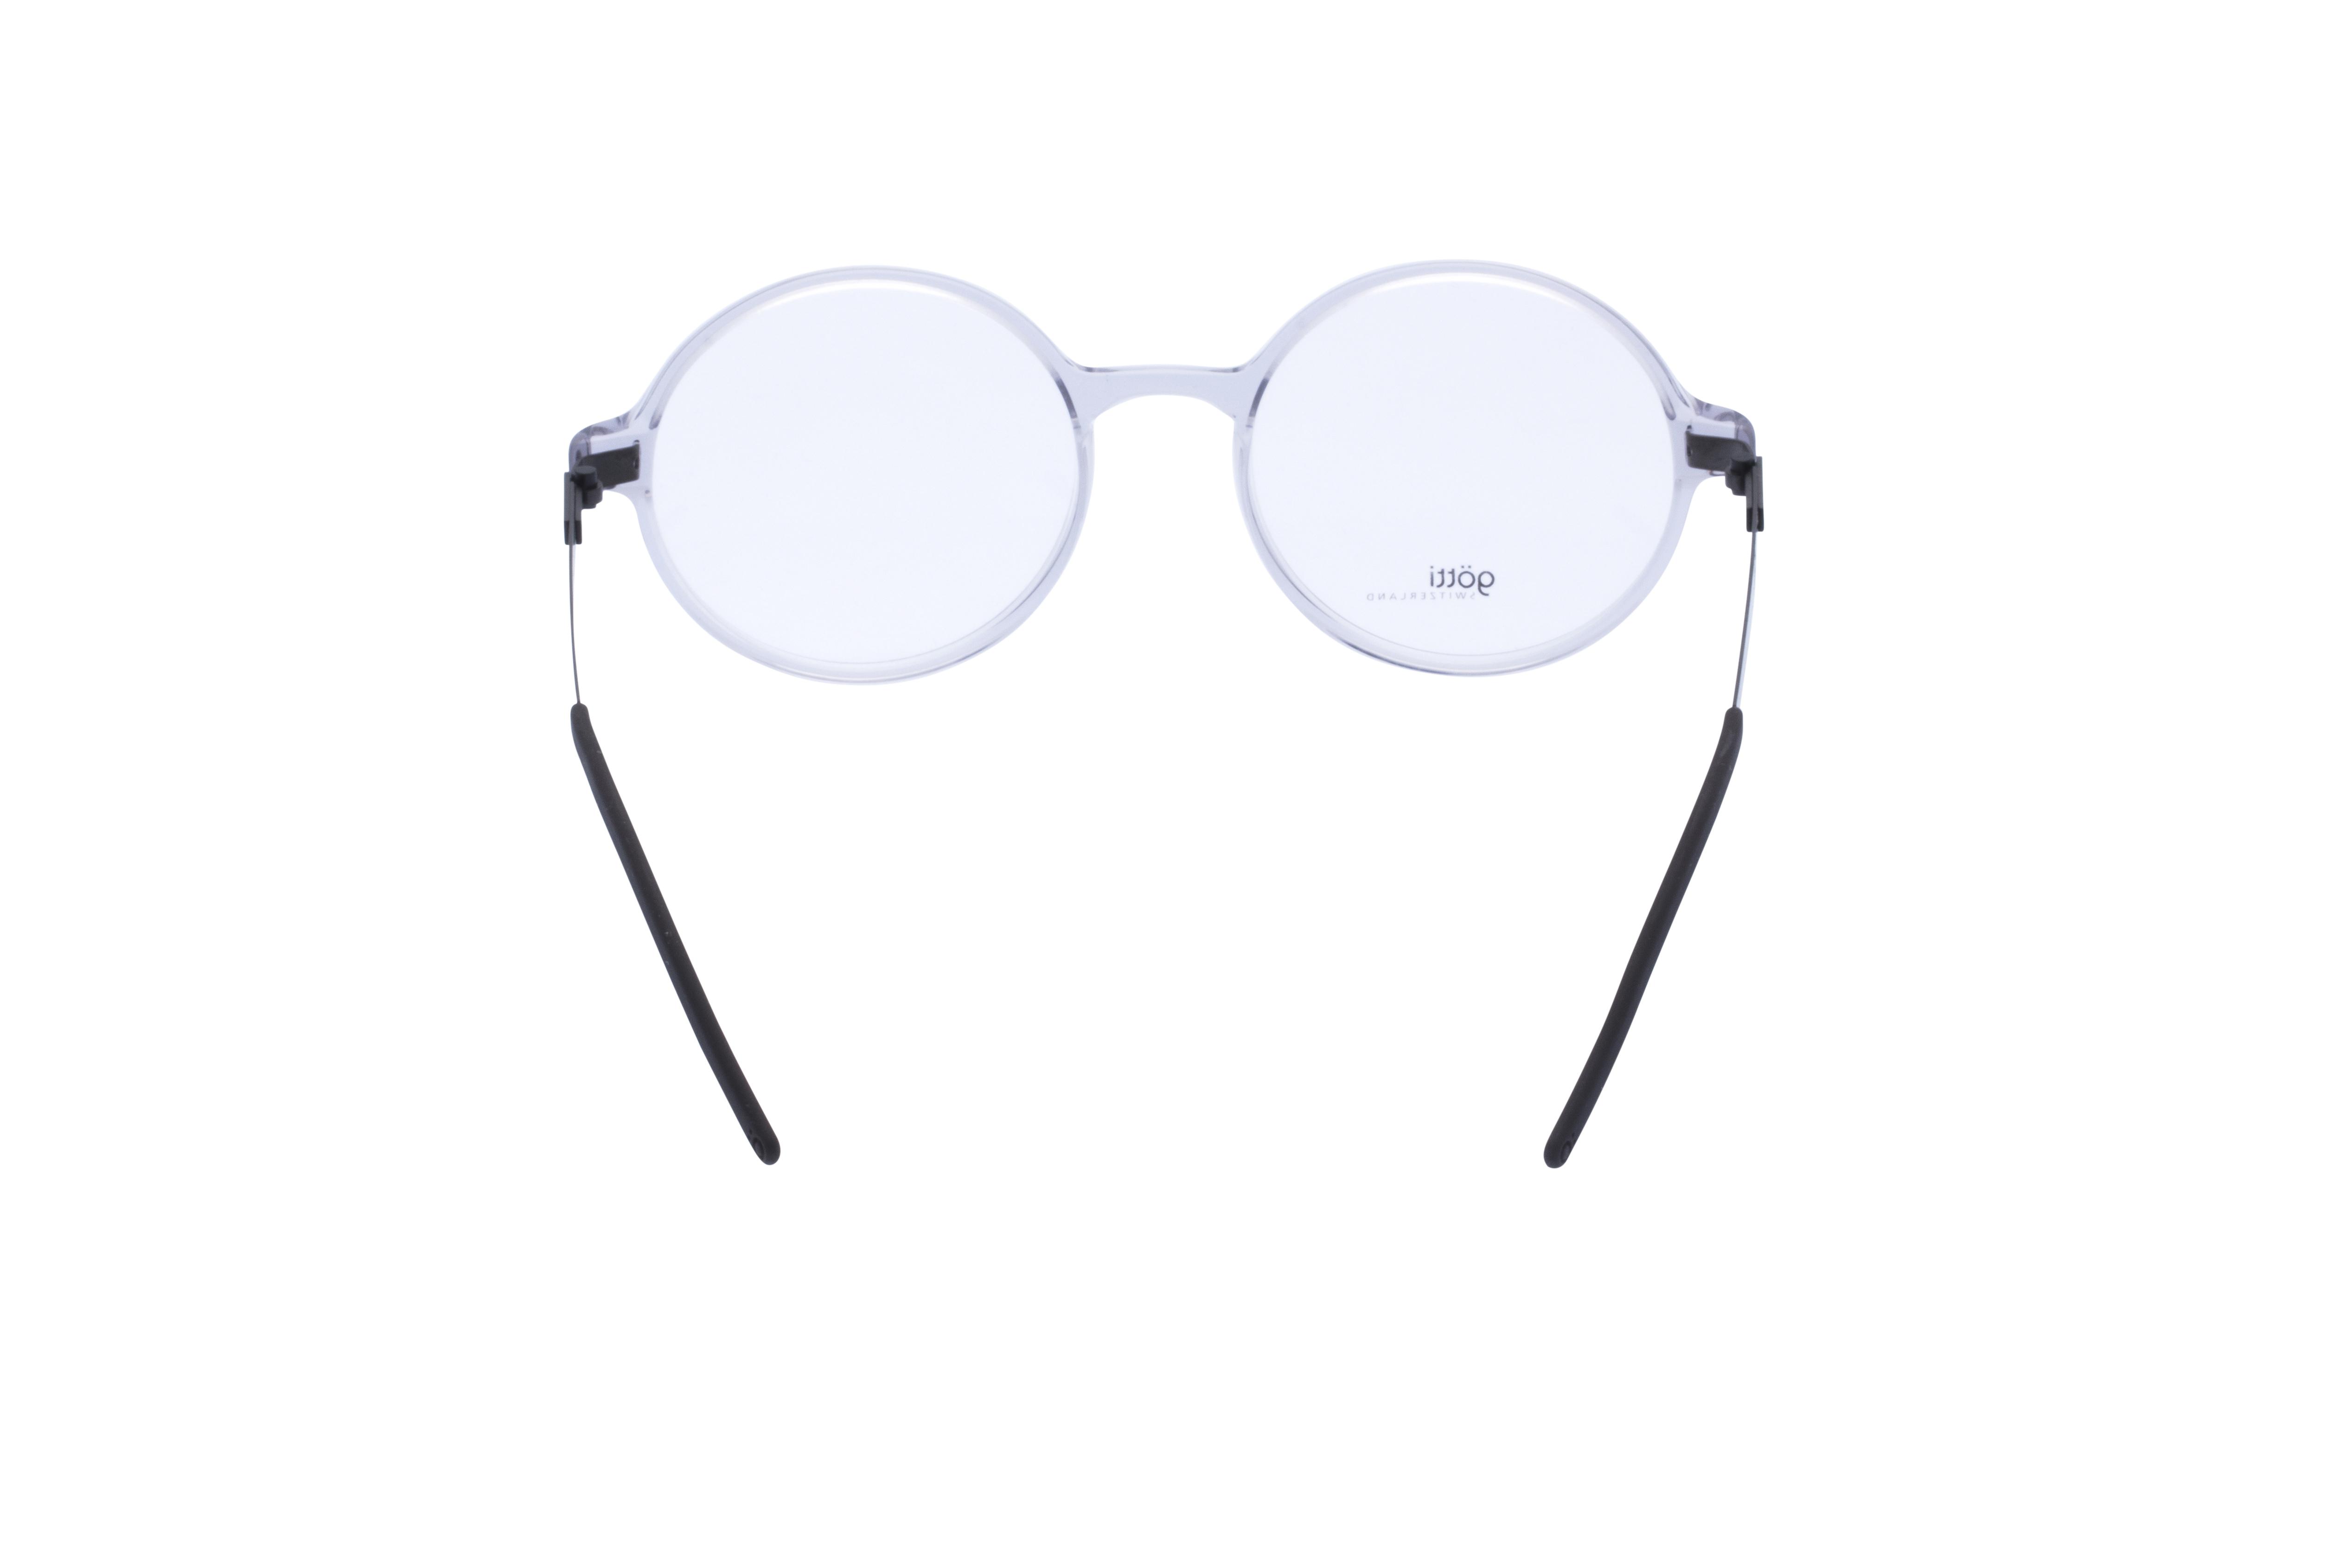 360 Grad Ansicht 12 Götti Sedrin, Brille auf Weiß - Fassung bei KUNK